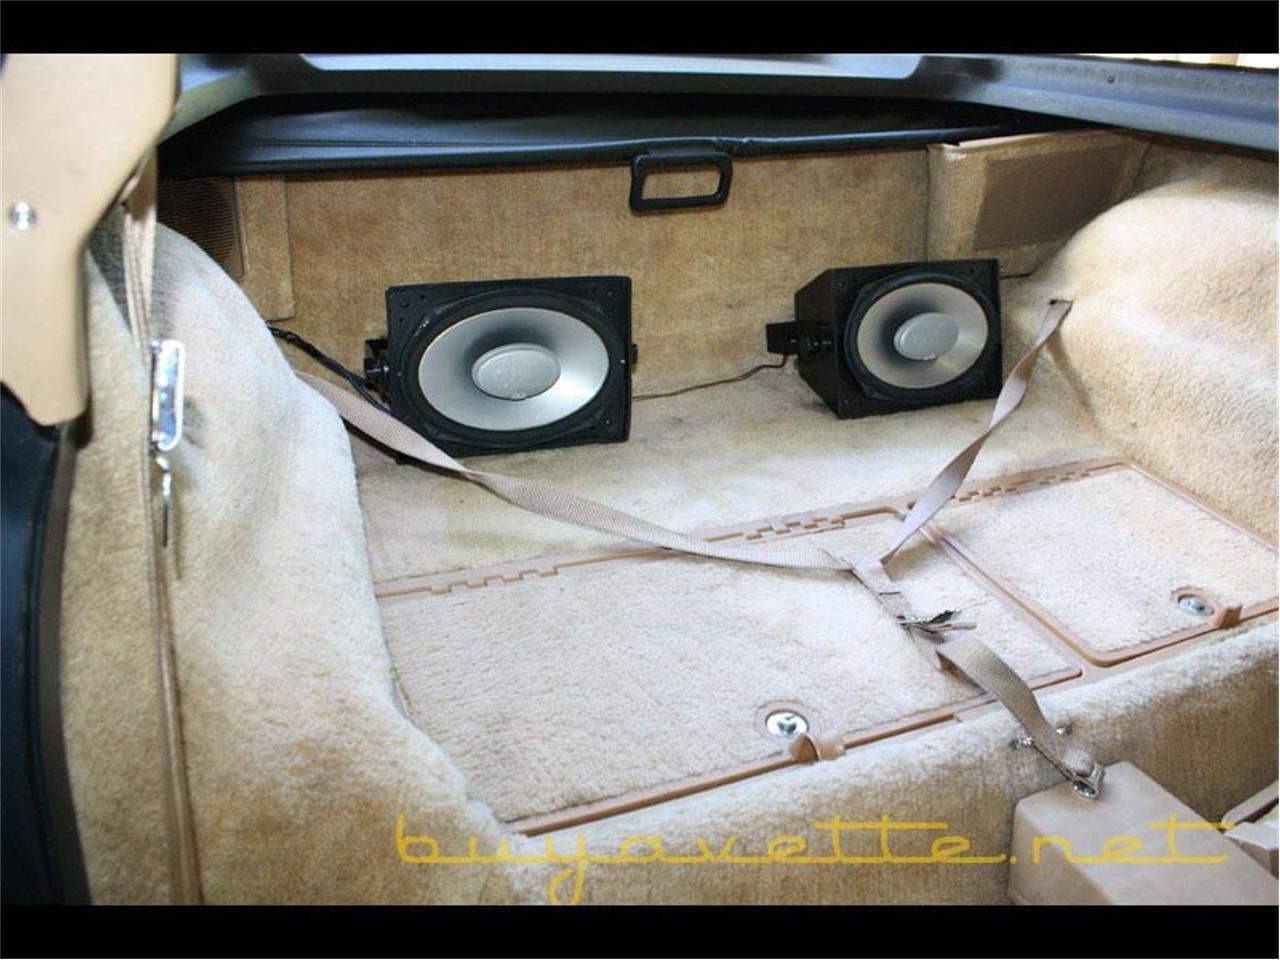 Large Picture of '81 Corvette located in Atlanta Georgia - $13,999.00 - L3DP